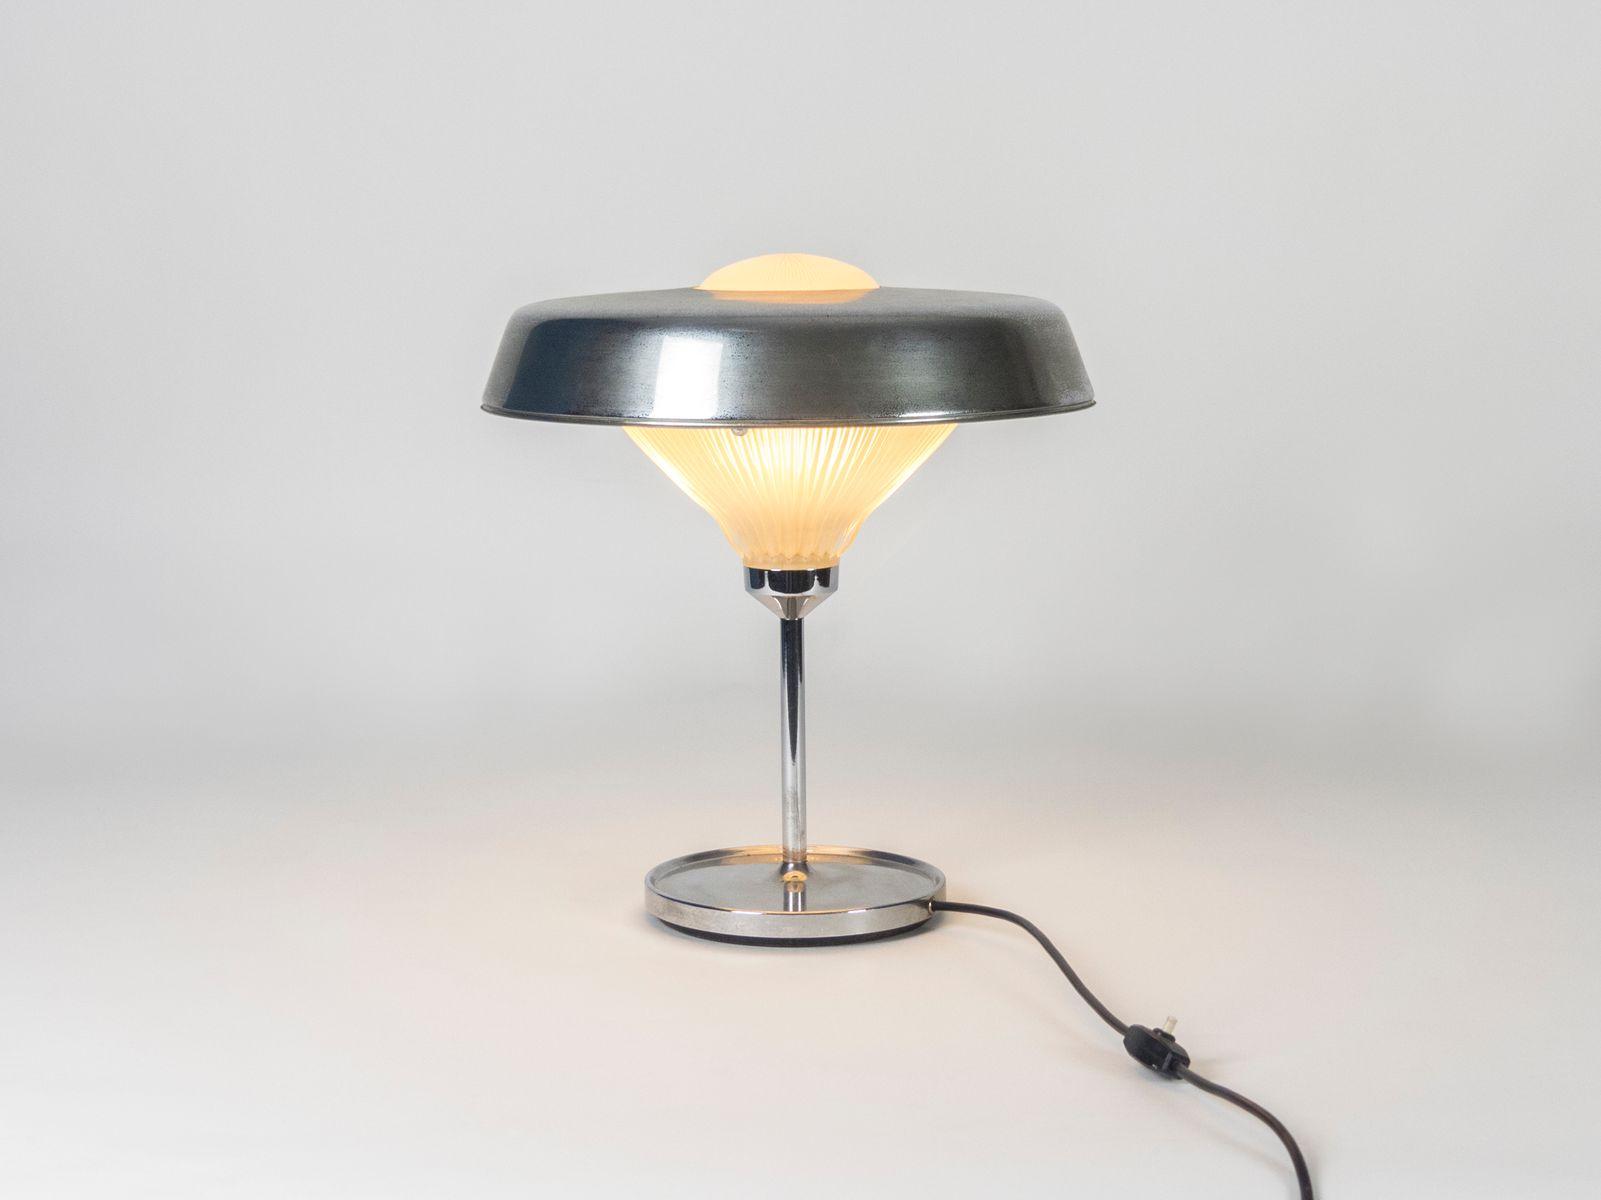 Vintage Ro Tischlampe von Studio BBPR für Artemide